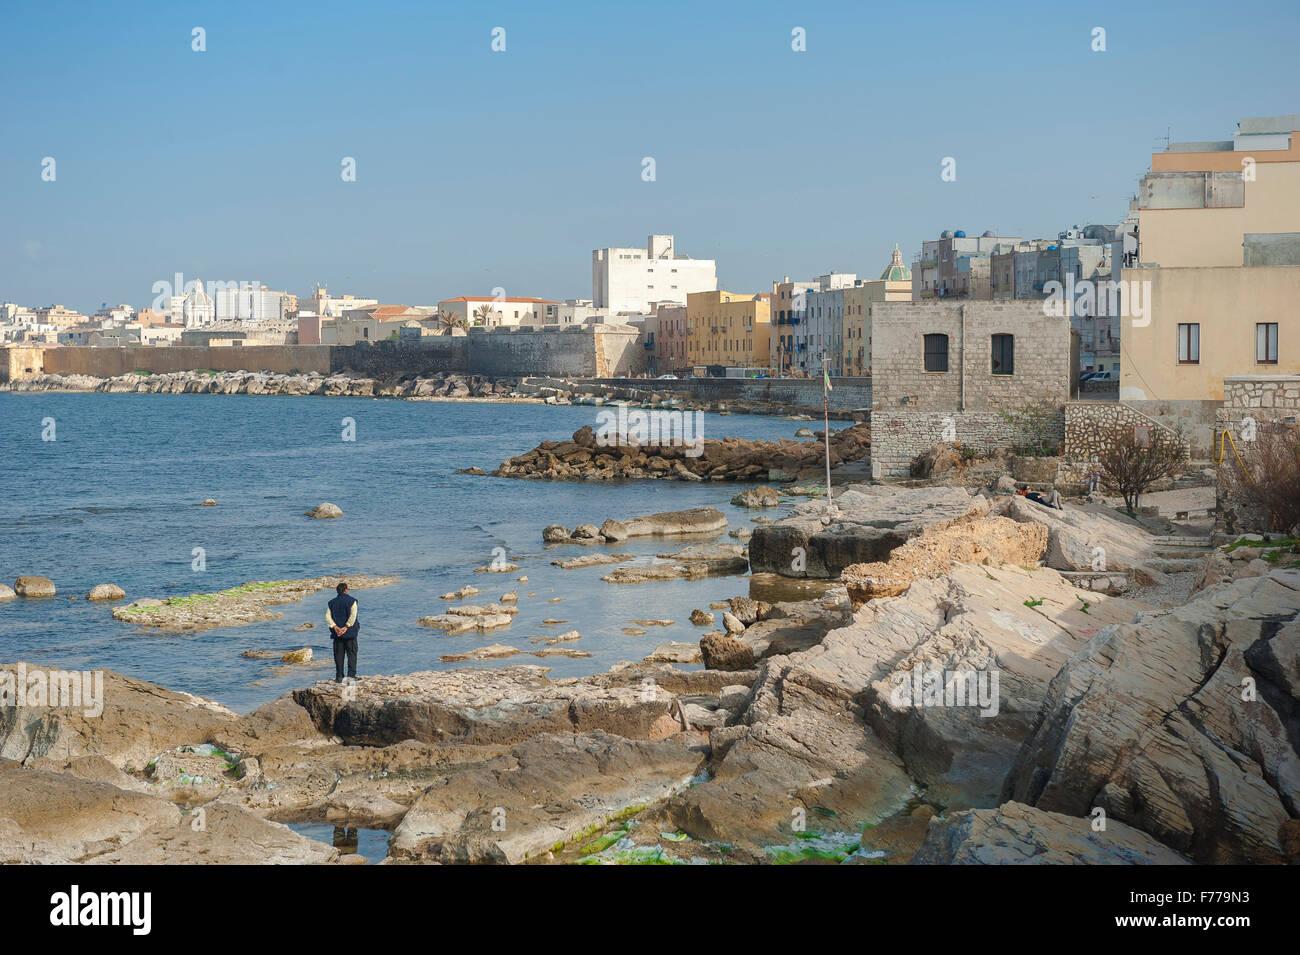 Trapani Sicily coast, a man stands alone on the north shore of the Trapani coastline, Sicily. - Stock Image